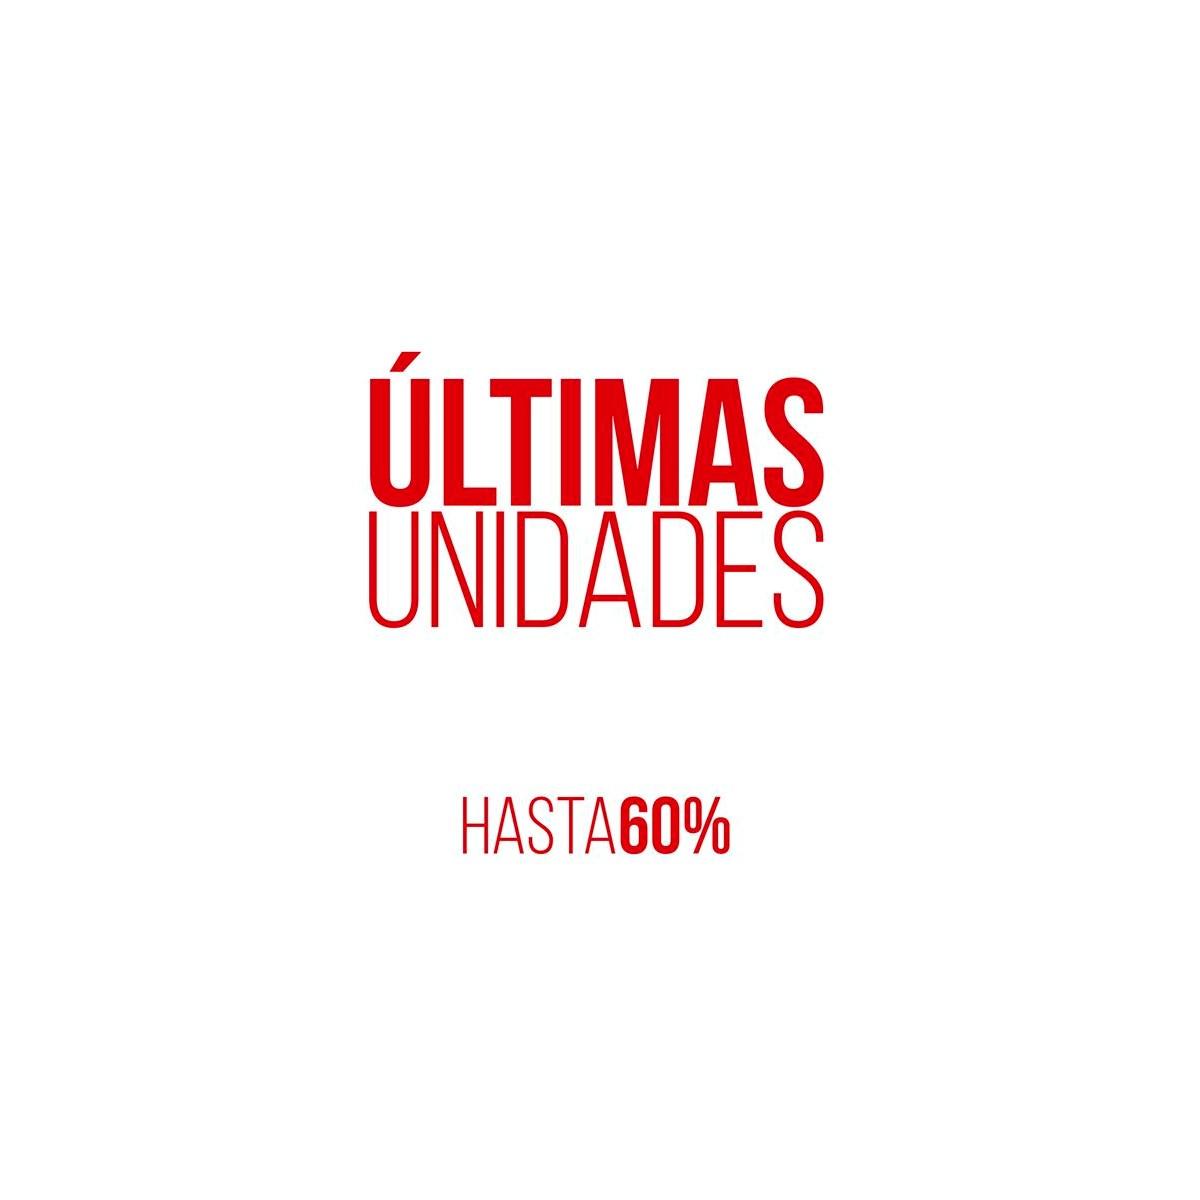 amorshoes_ultimas-unidades-amor-sales-descuentos-ultimas-unidades-cuadrado